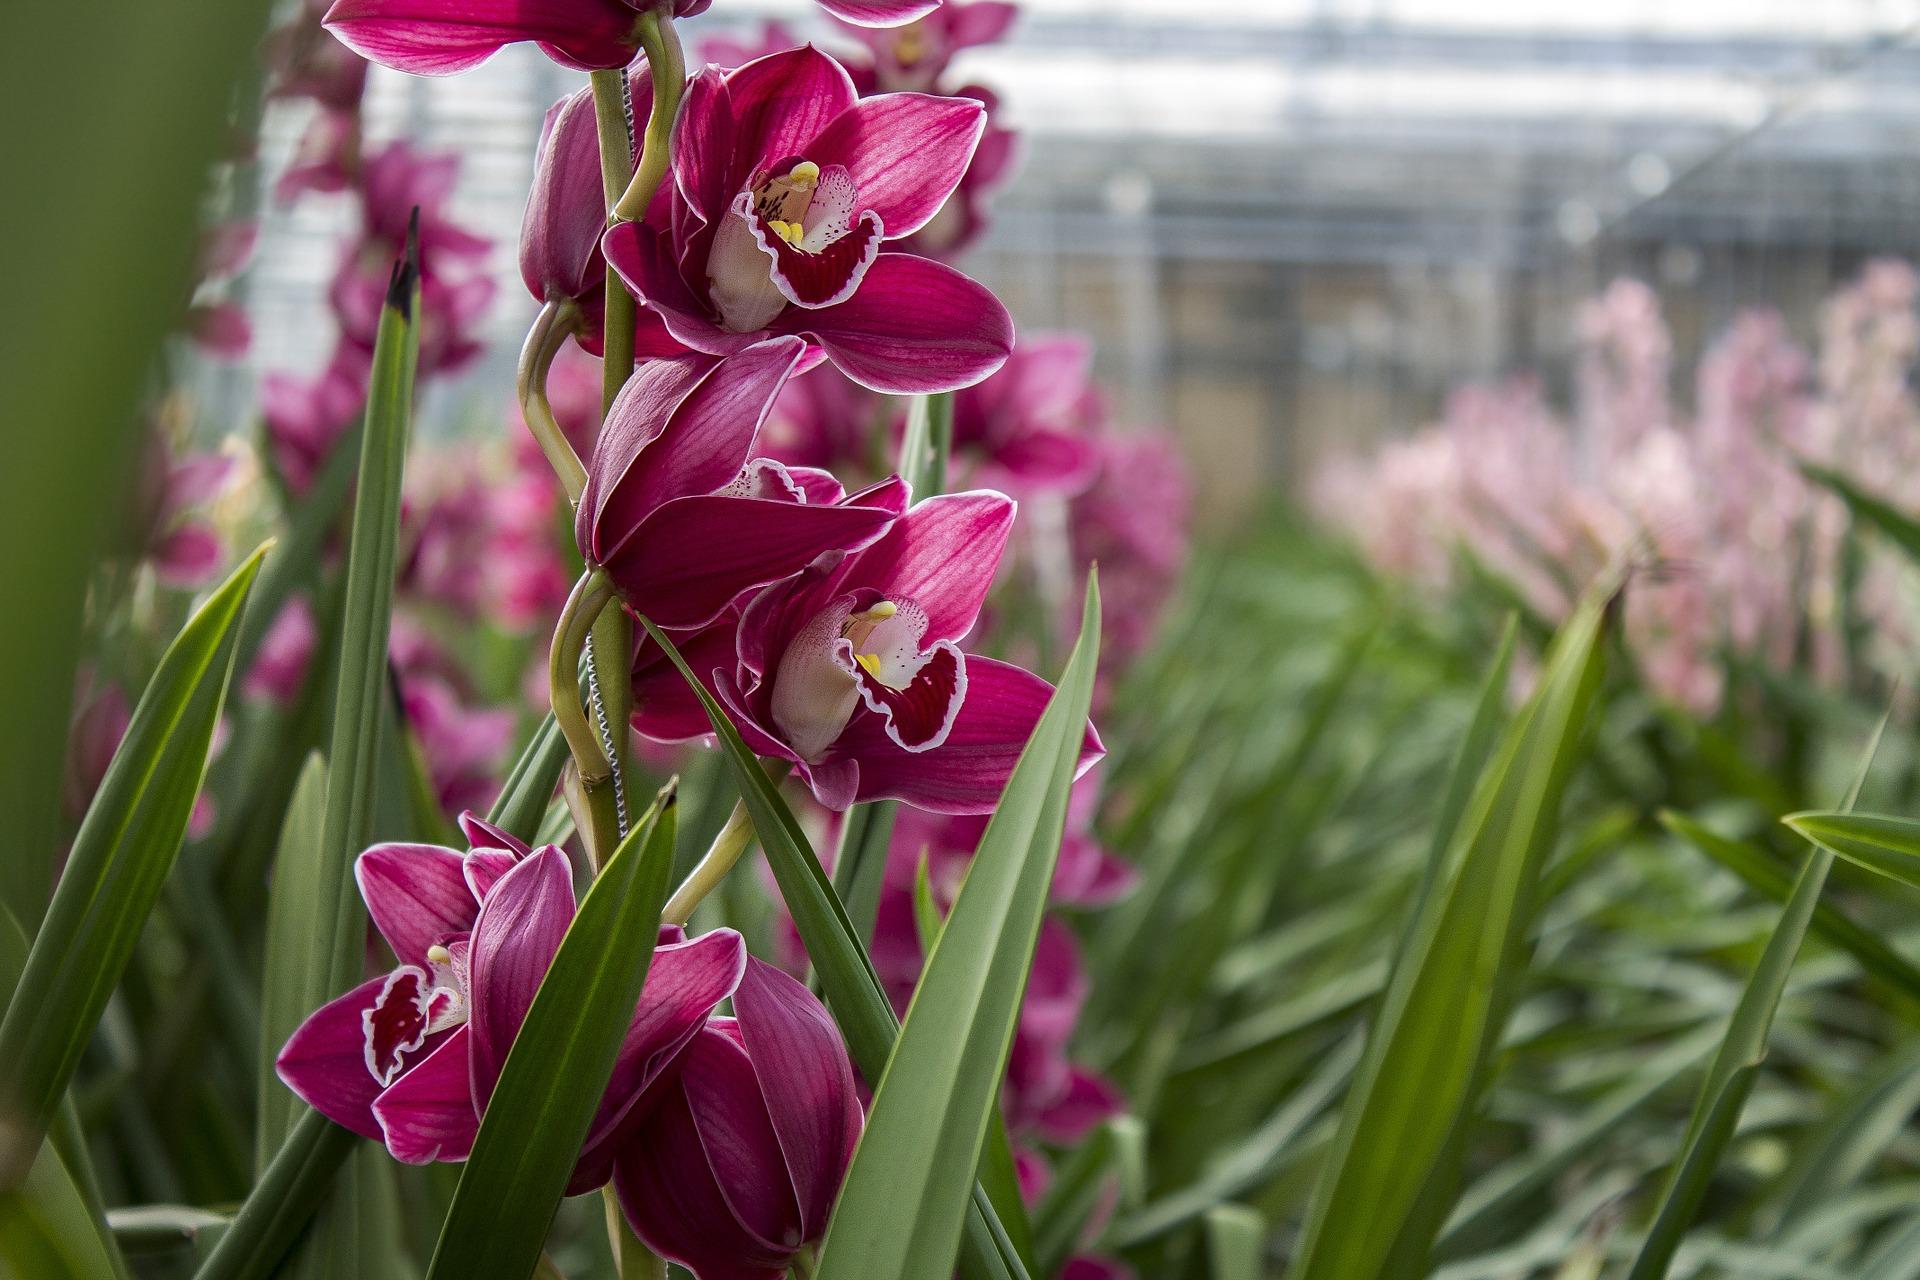 orchid-643104-1920.jpg